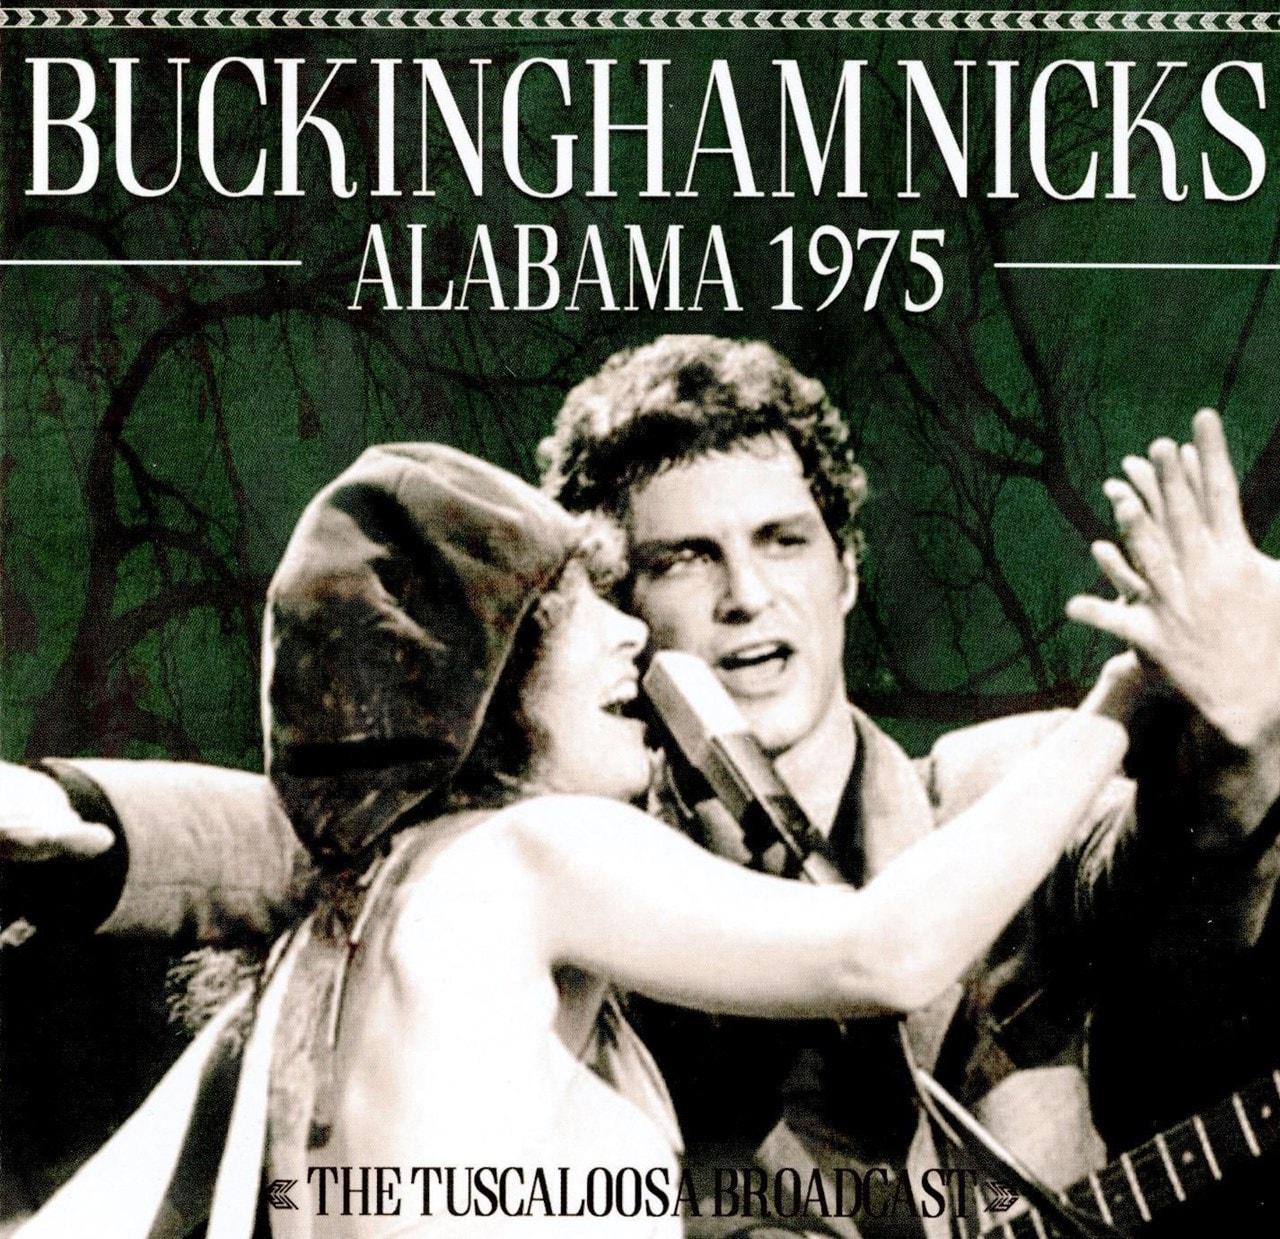 Alabama 1975 - 1